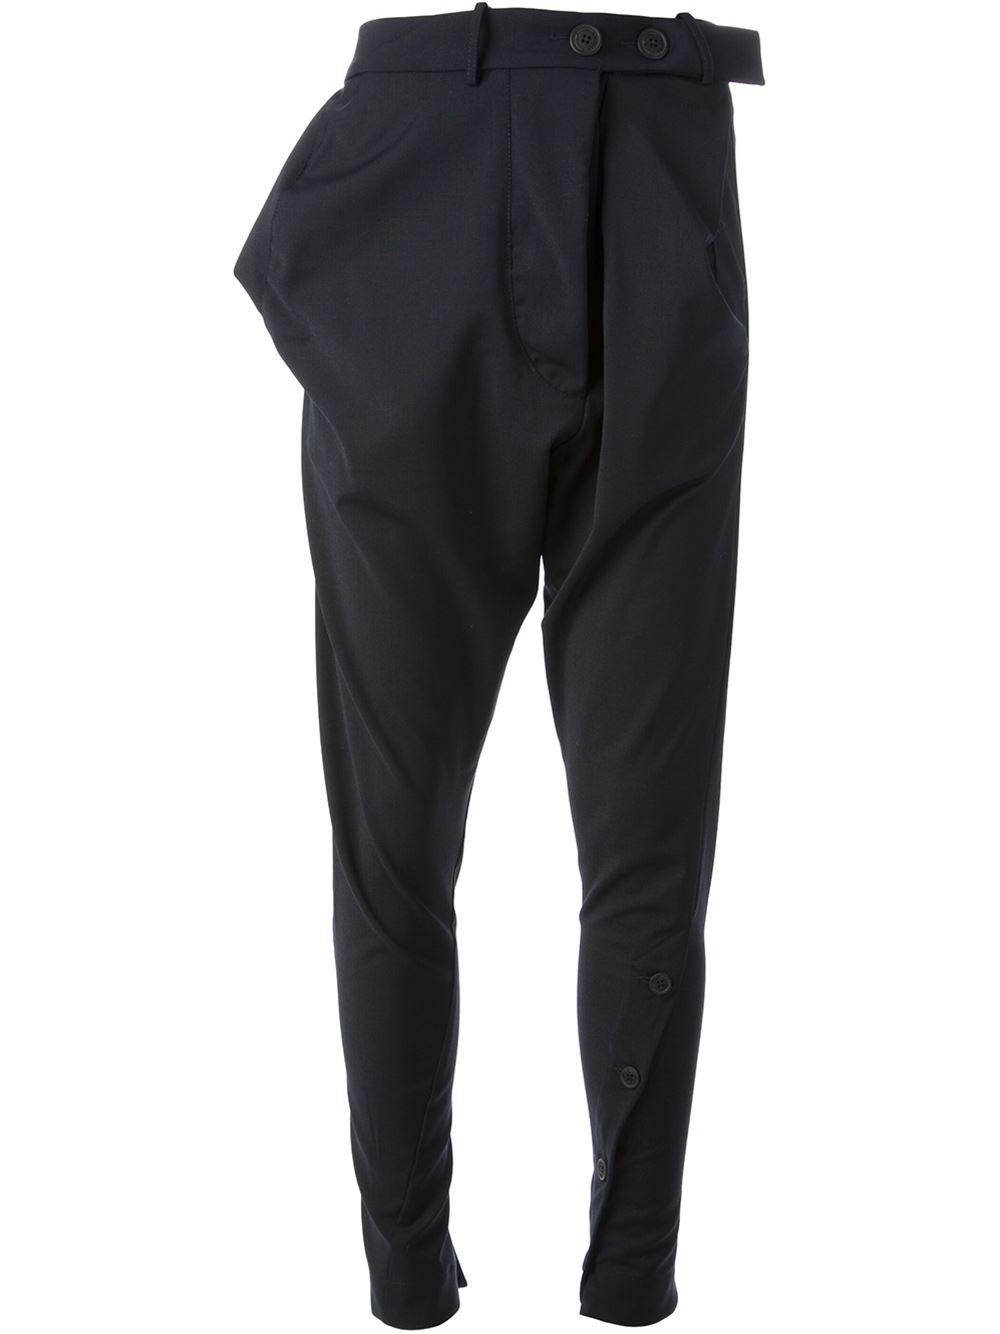 Les Pantalons - 3/4-pantalon Longueur Vivienne Westwood l4sqTraM